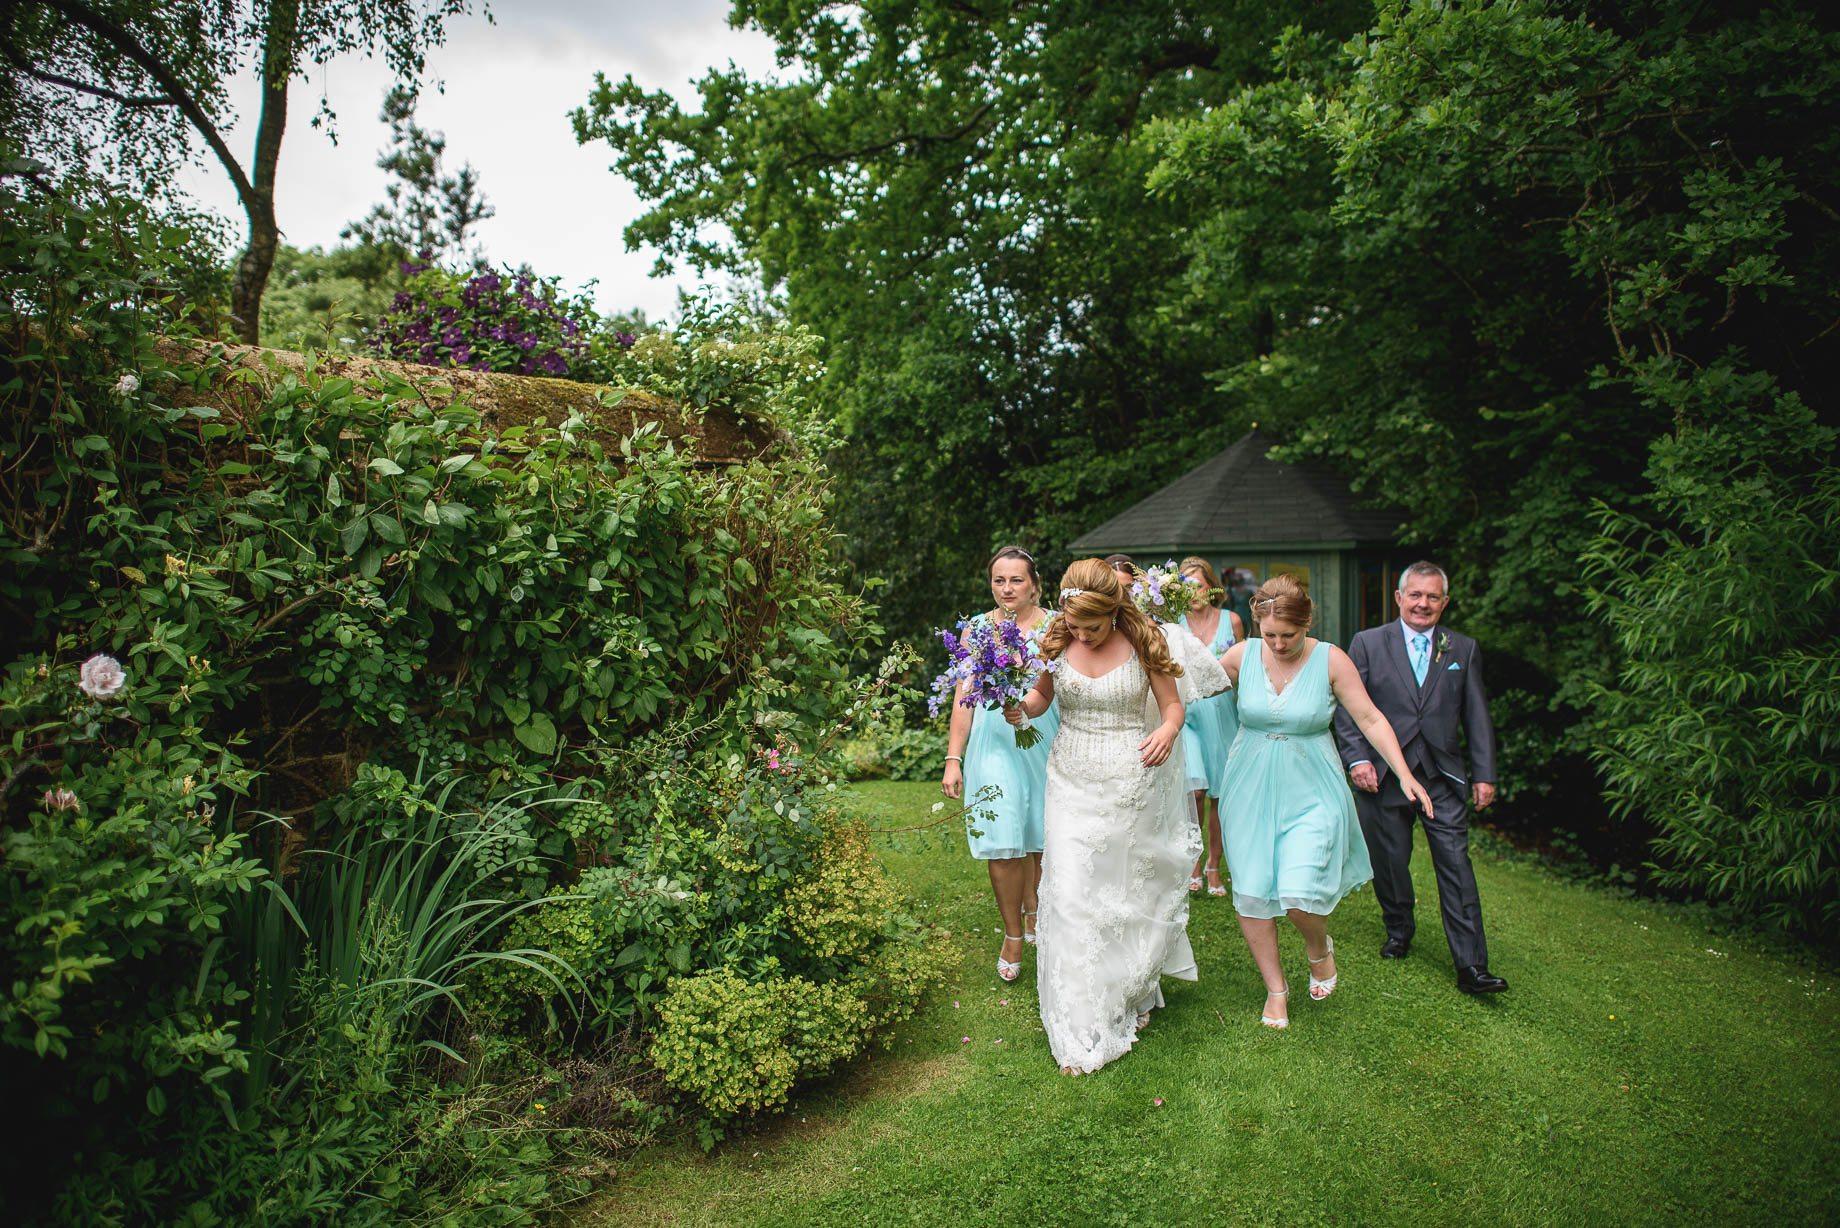 Bartholomew Barns wedding photography - Louise and Spencer (38 of 151)